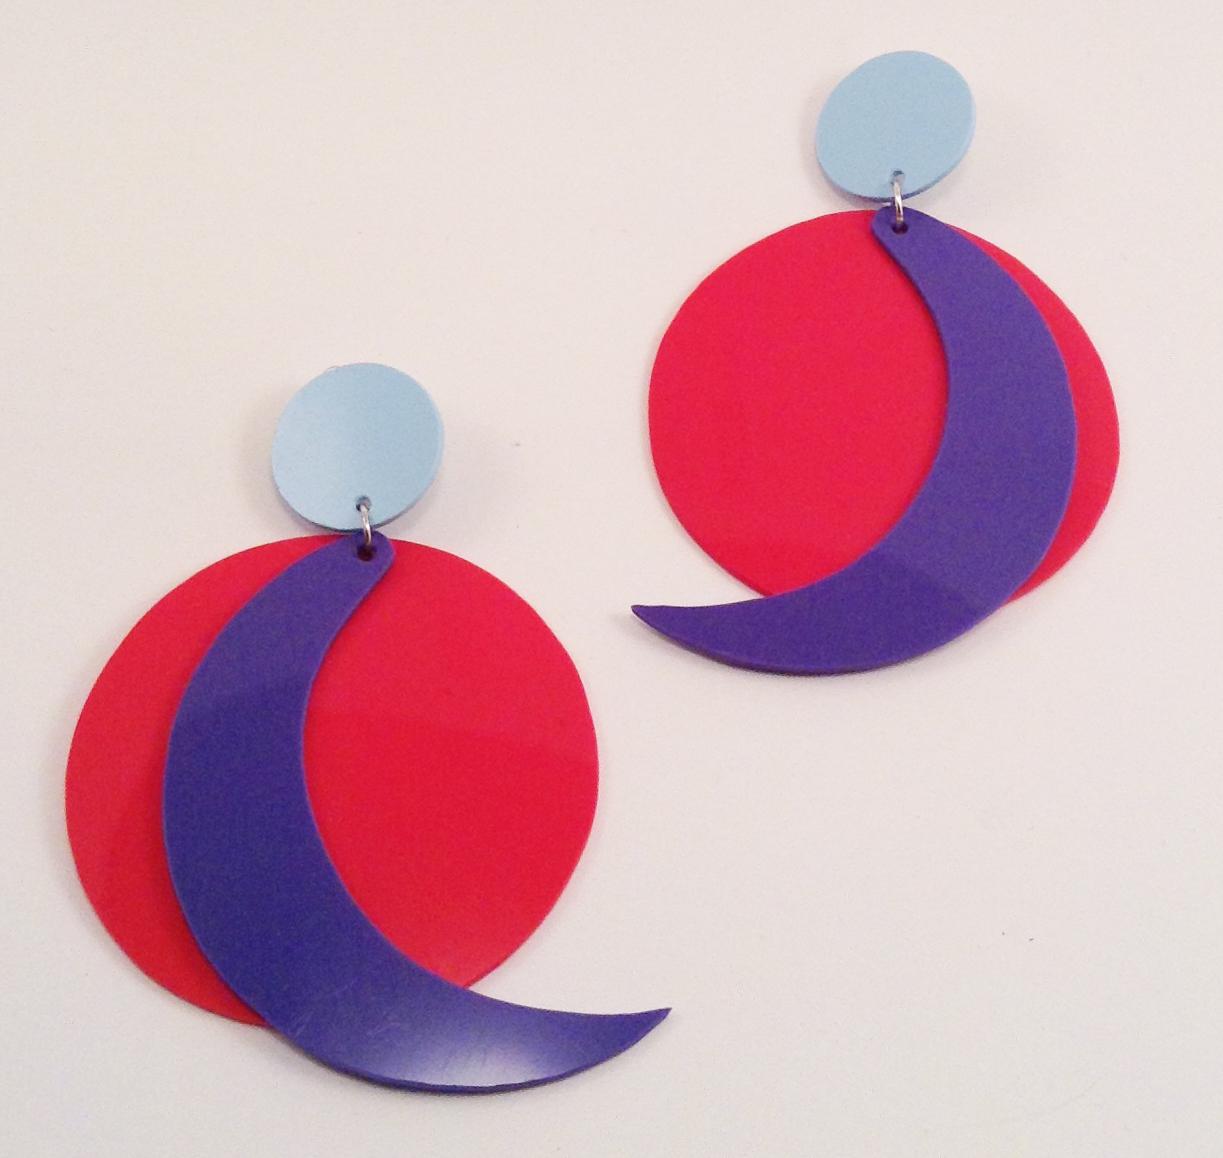 Purmoon earrings